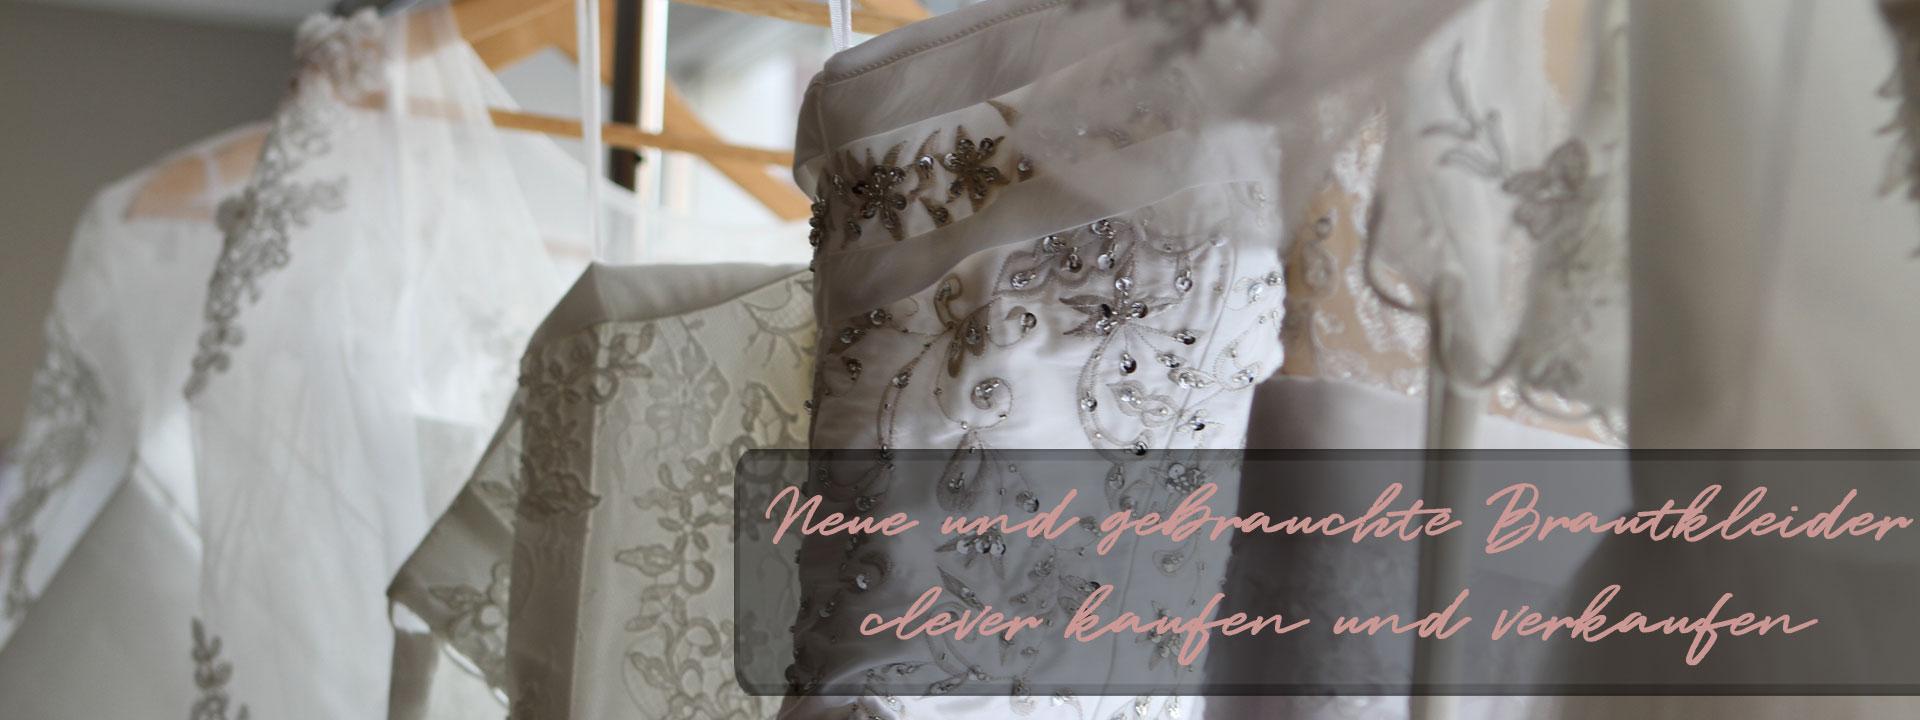 Neue und gebrauchte Brautkleider clever kaufen und verkaufen